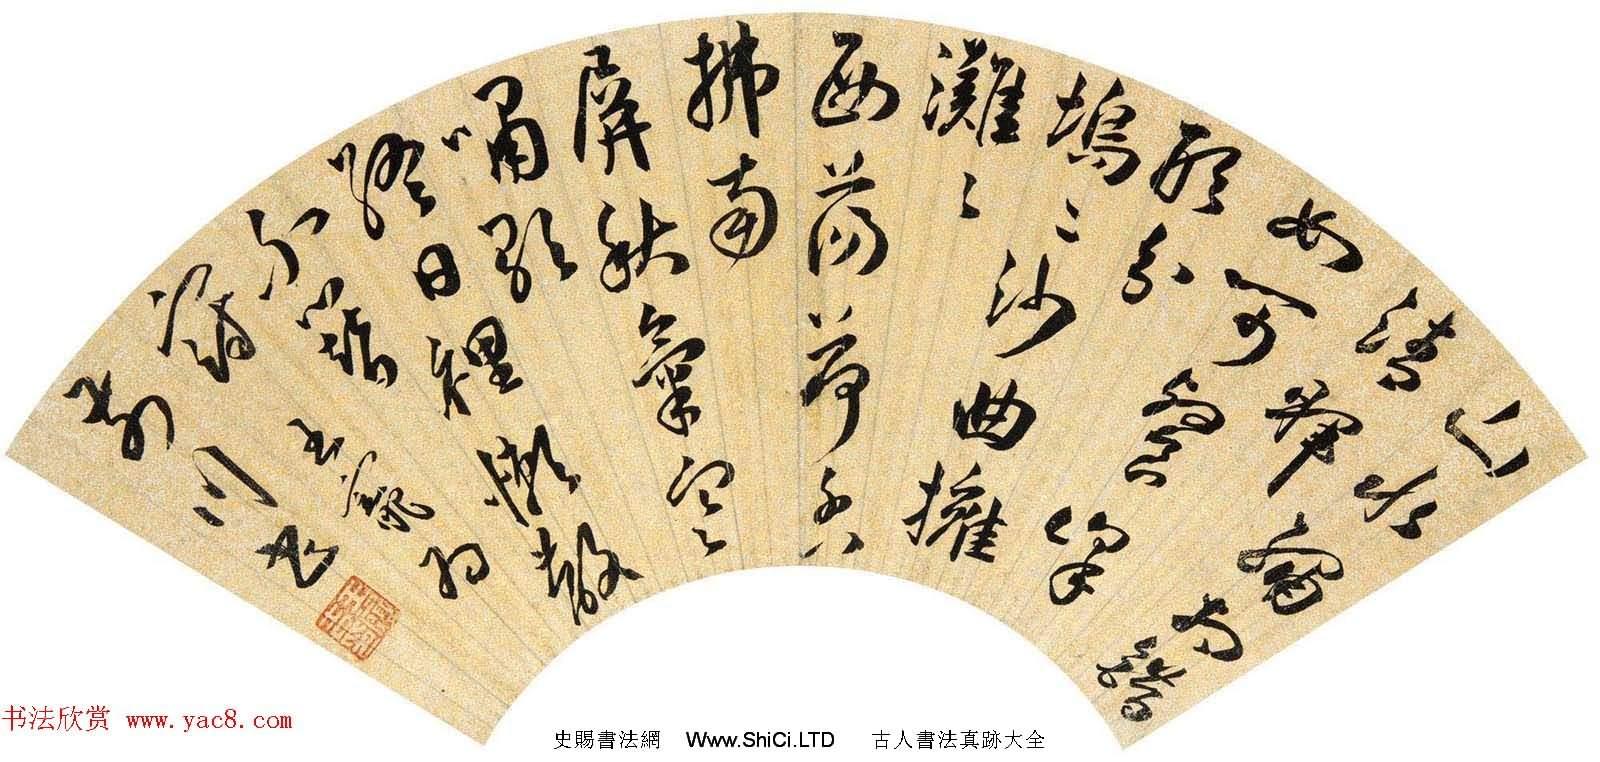 中國明代書畫家王寵書法扇面作品專輯